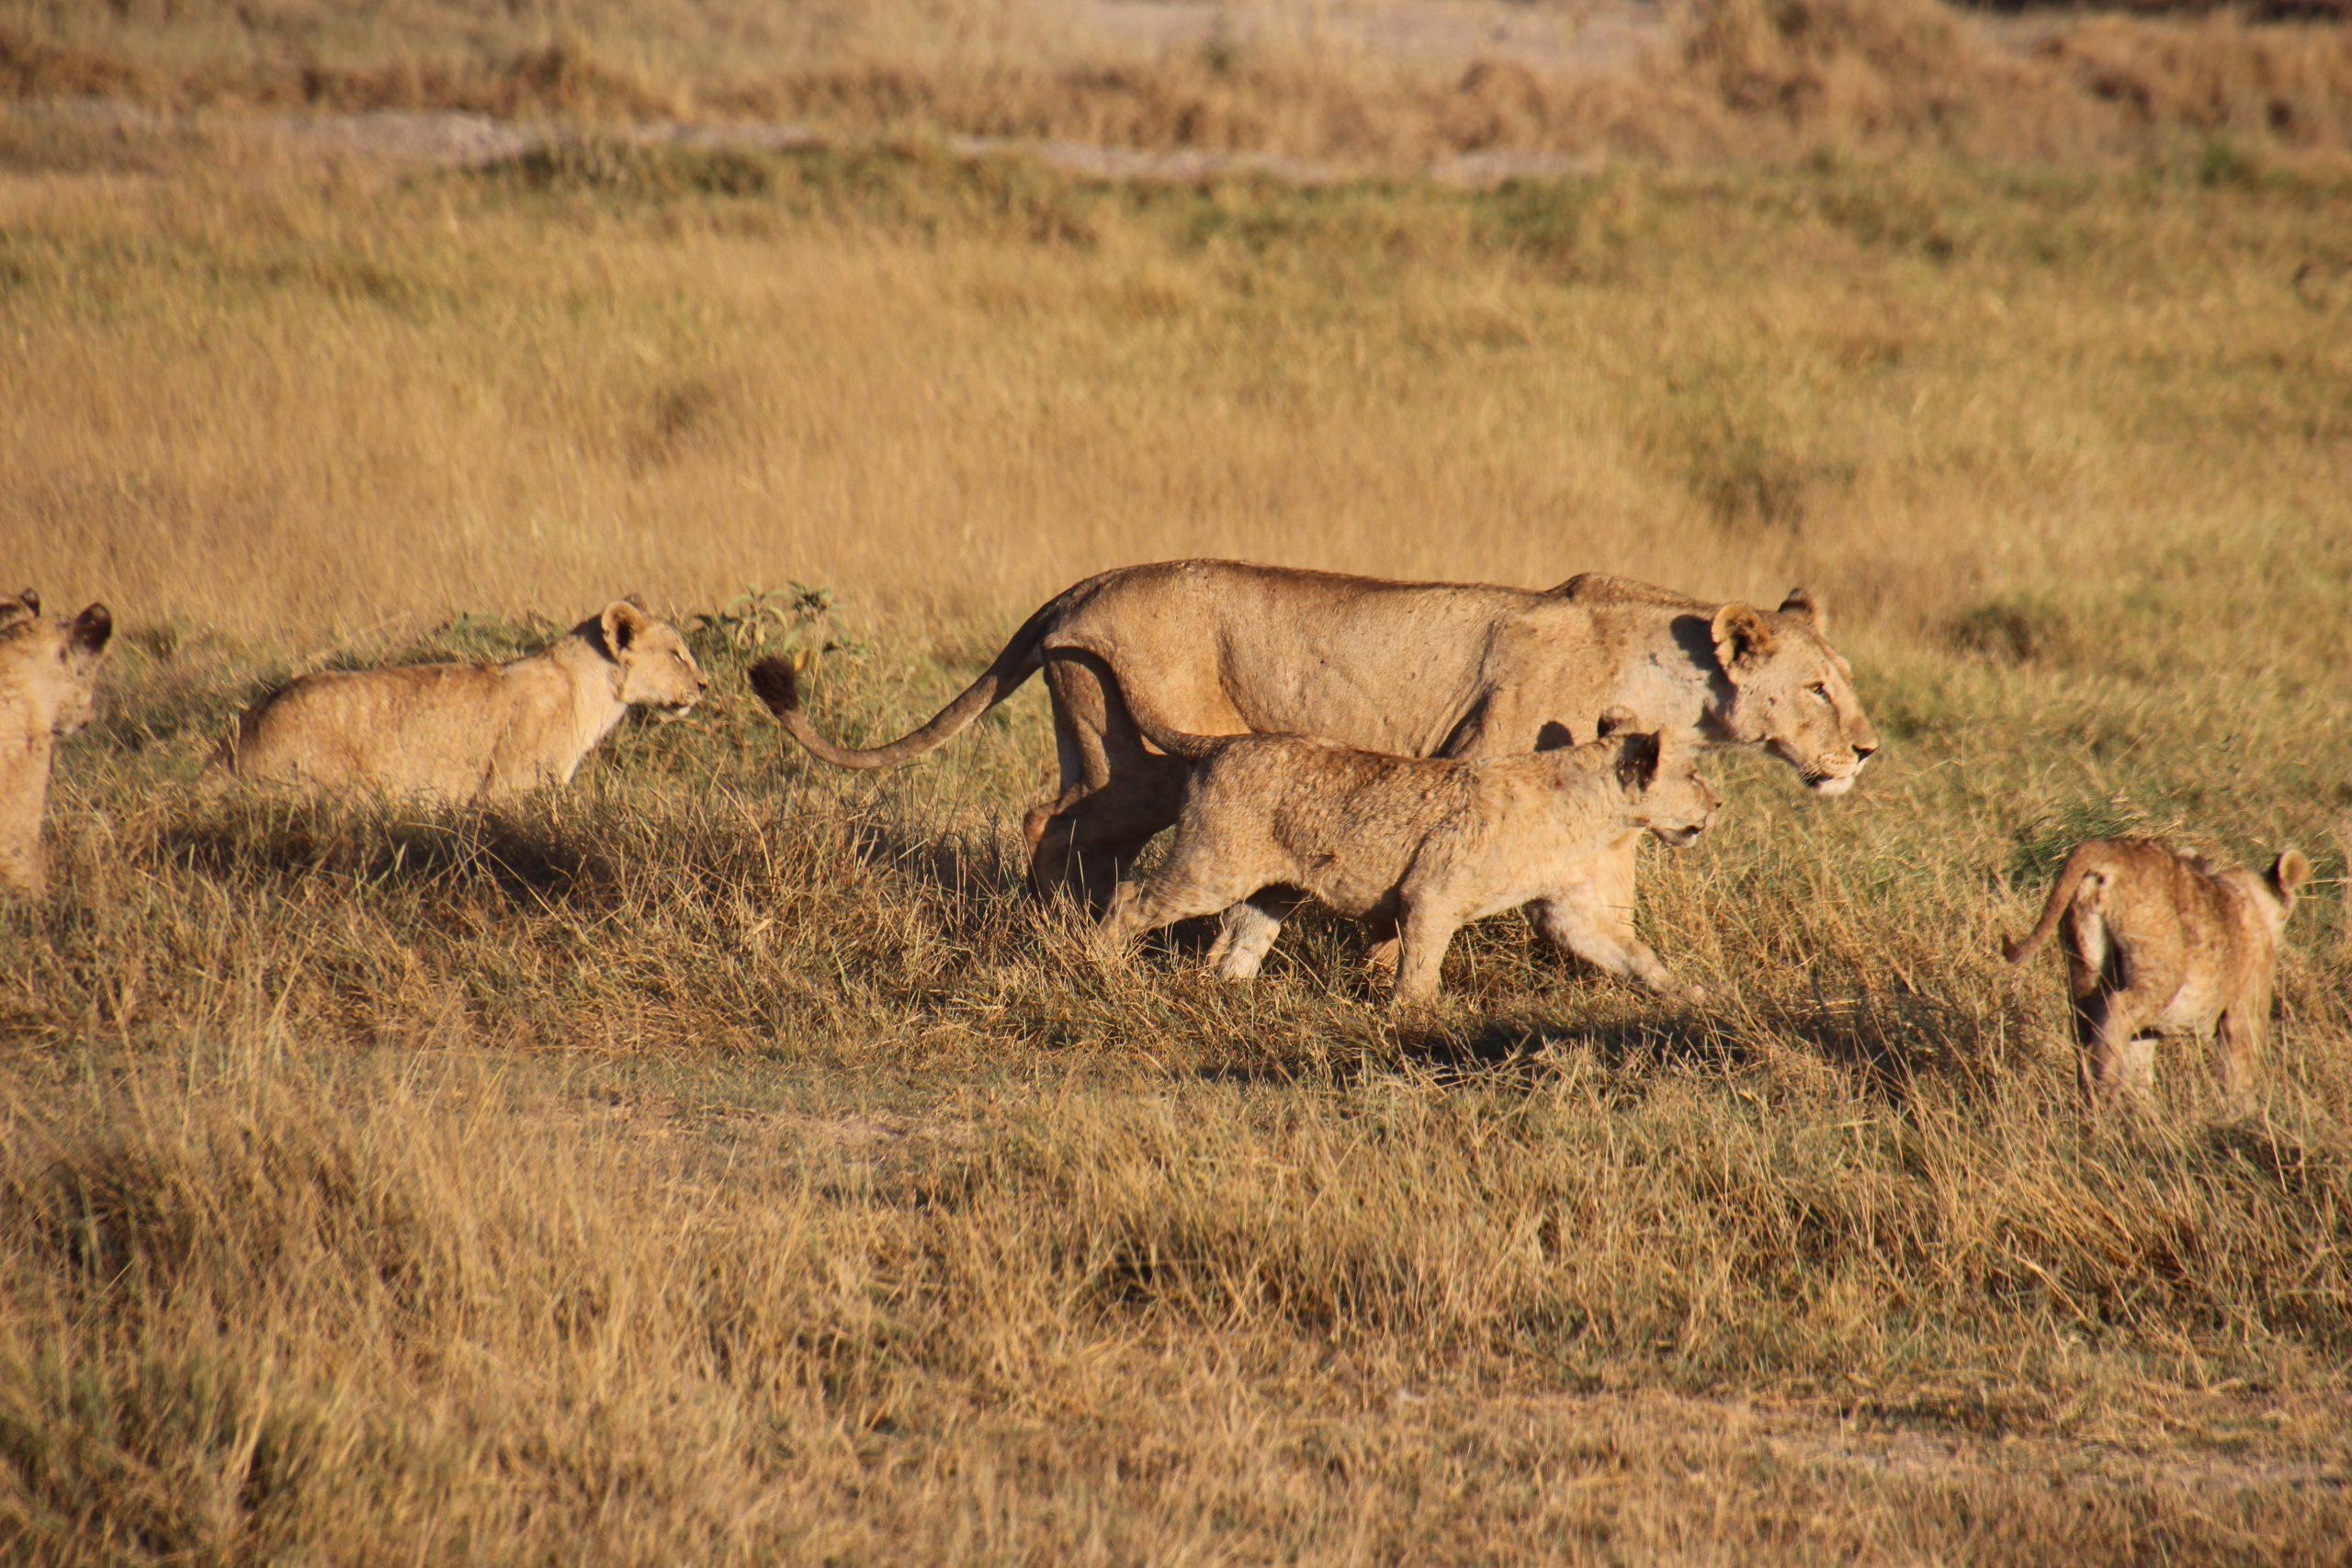 safari-in-kenia-amboseli-national-park_13